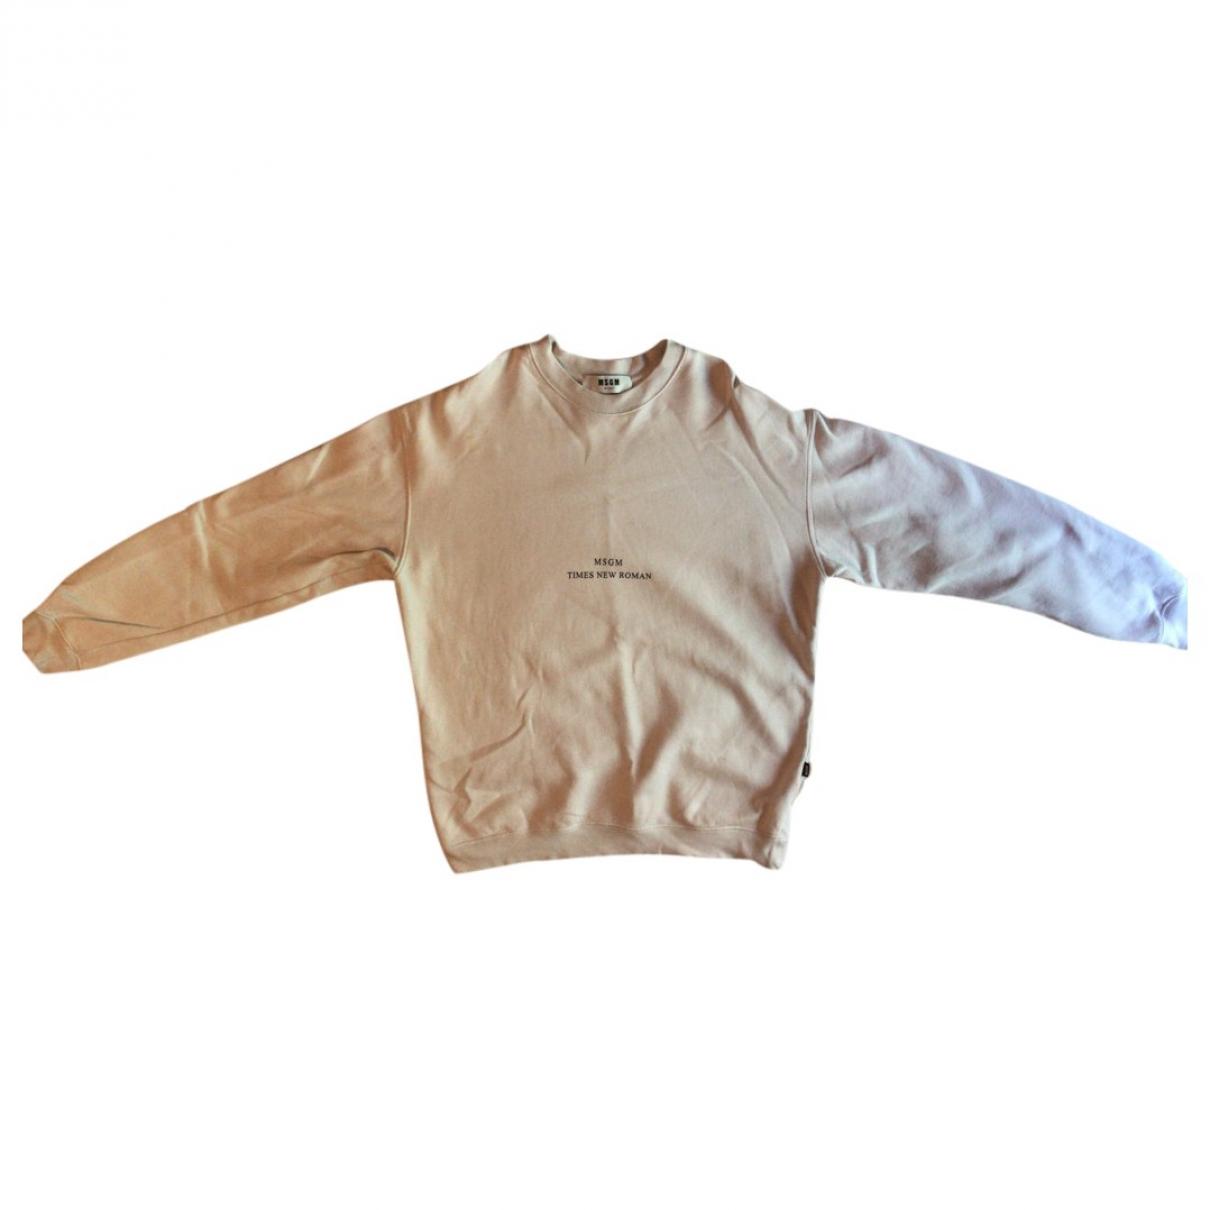 Msgm - Tee shirts   pour homme en coton - blanc